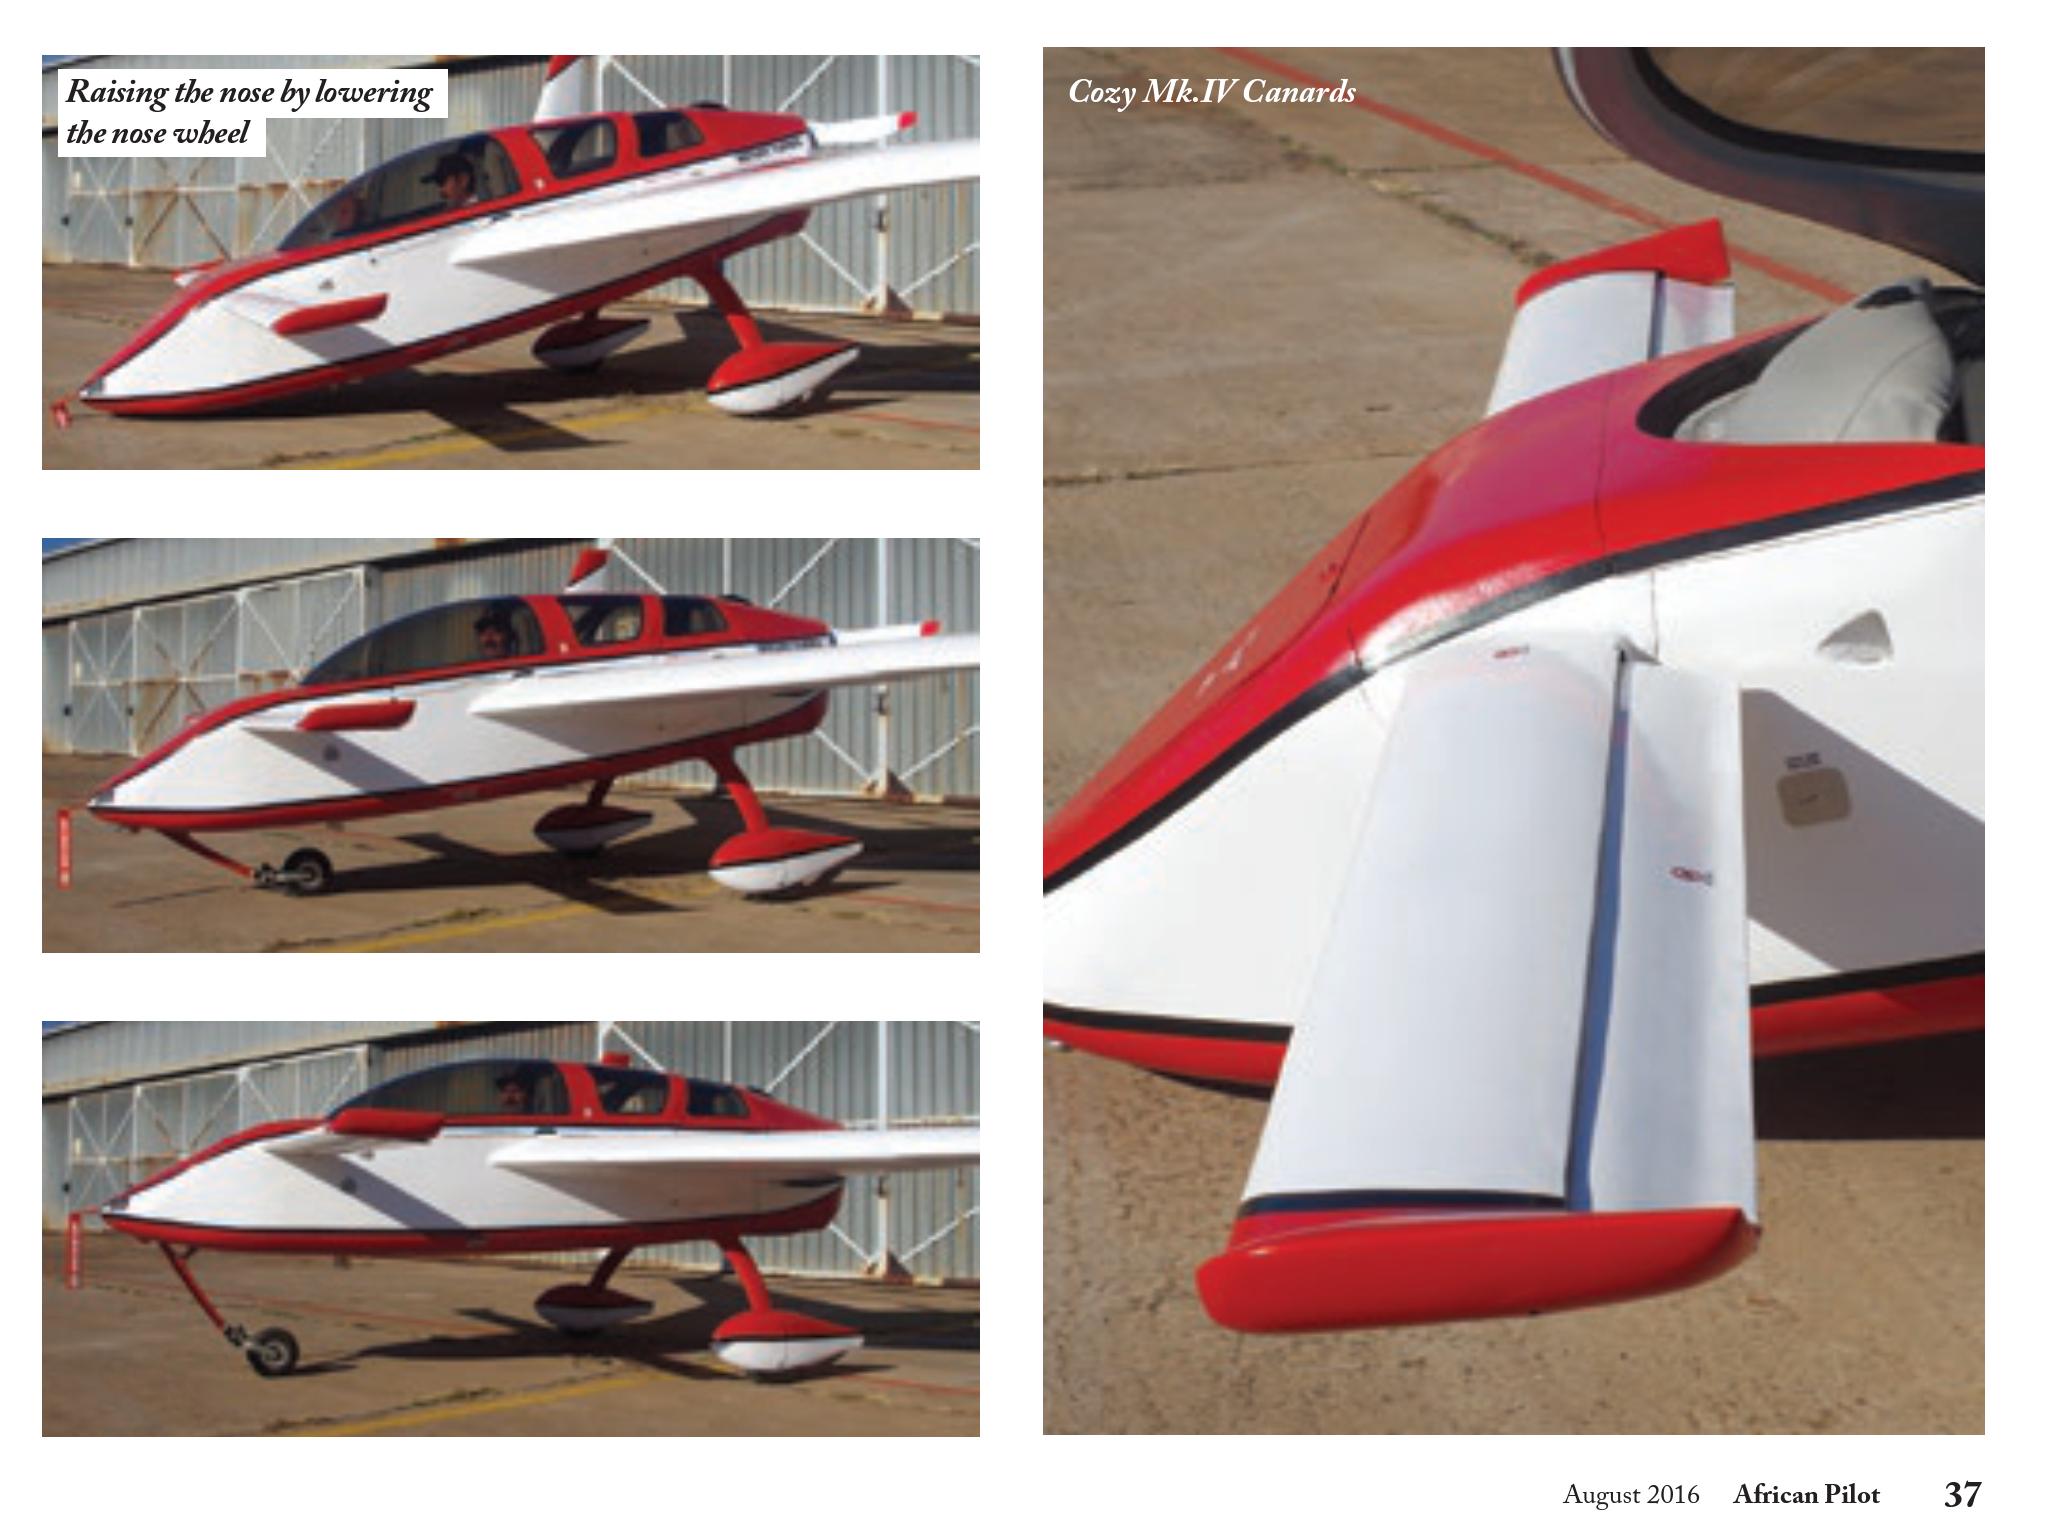 AeroCanard - AeroCad, Inc.